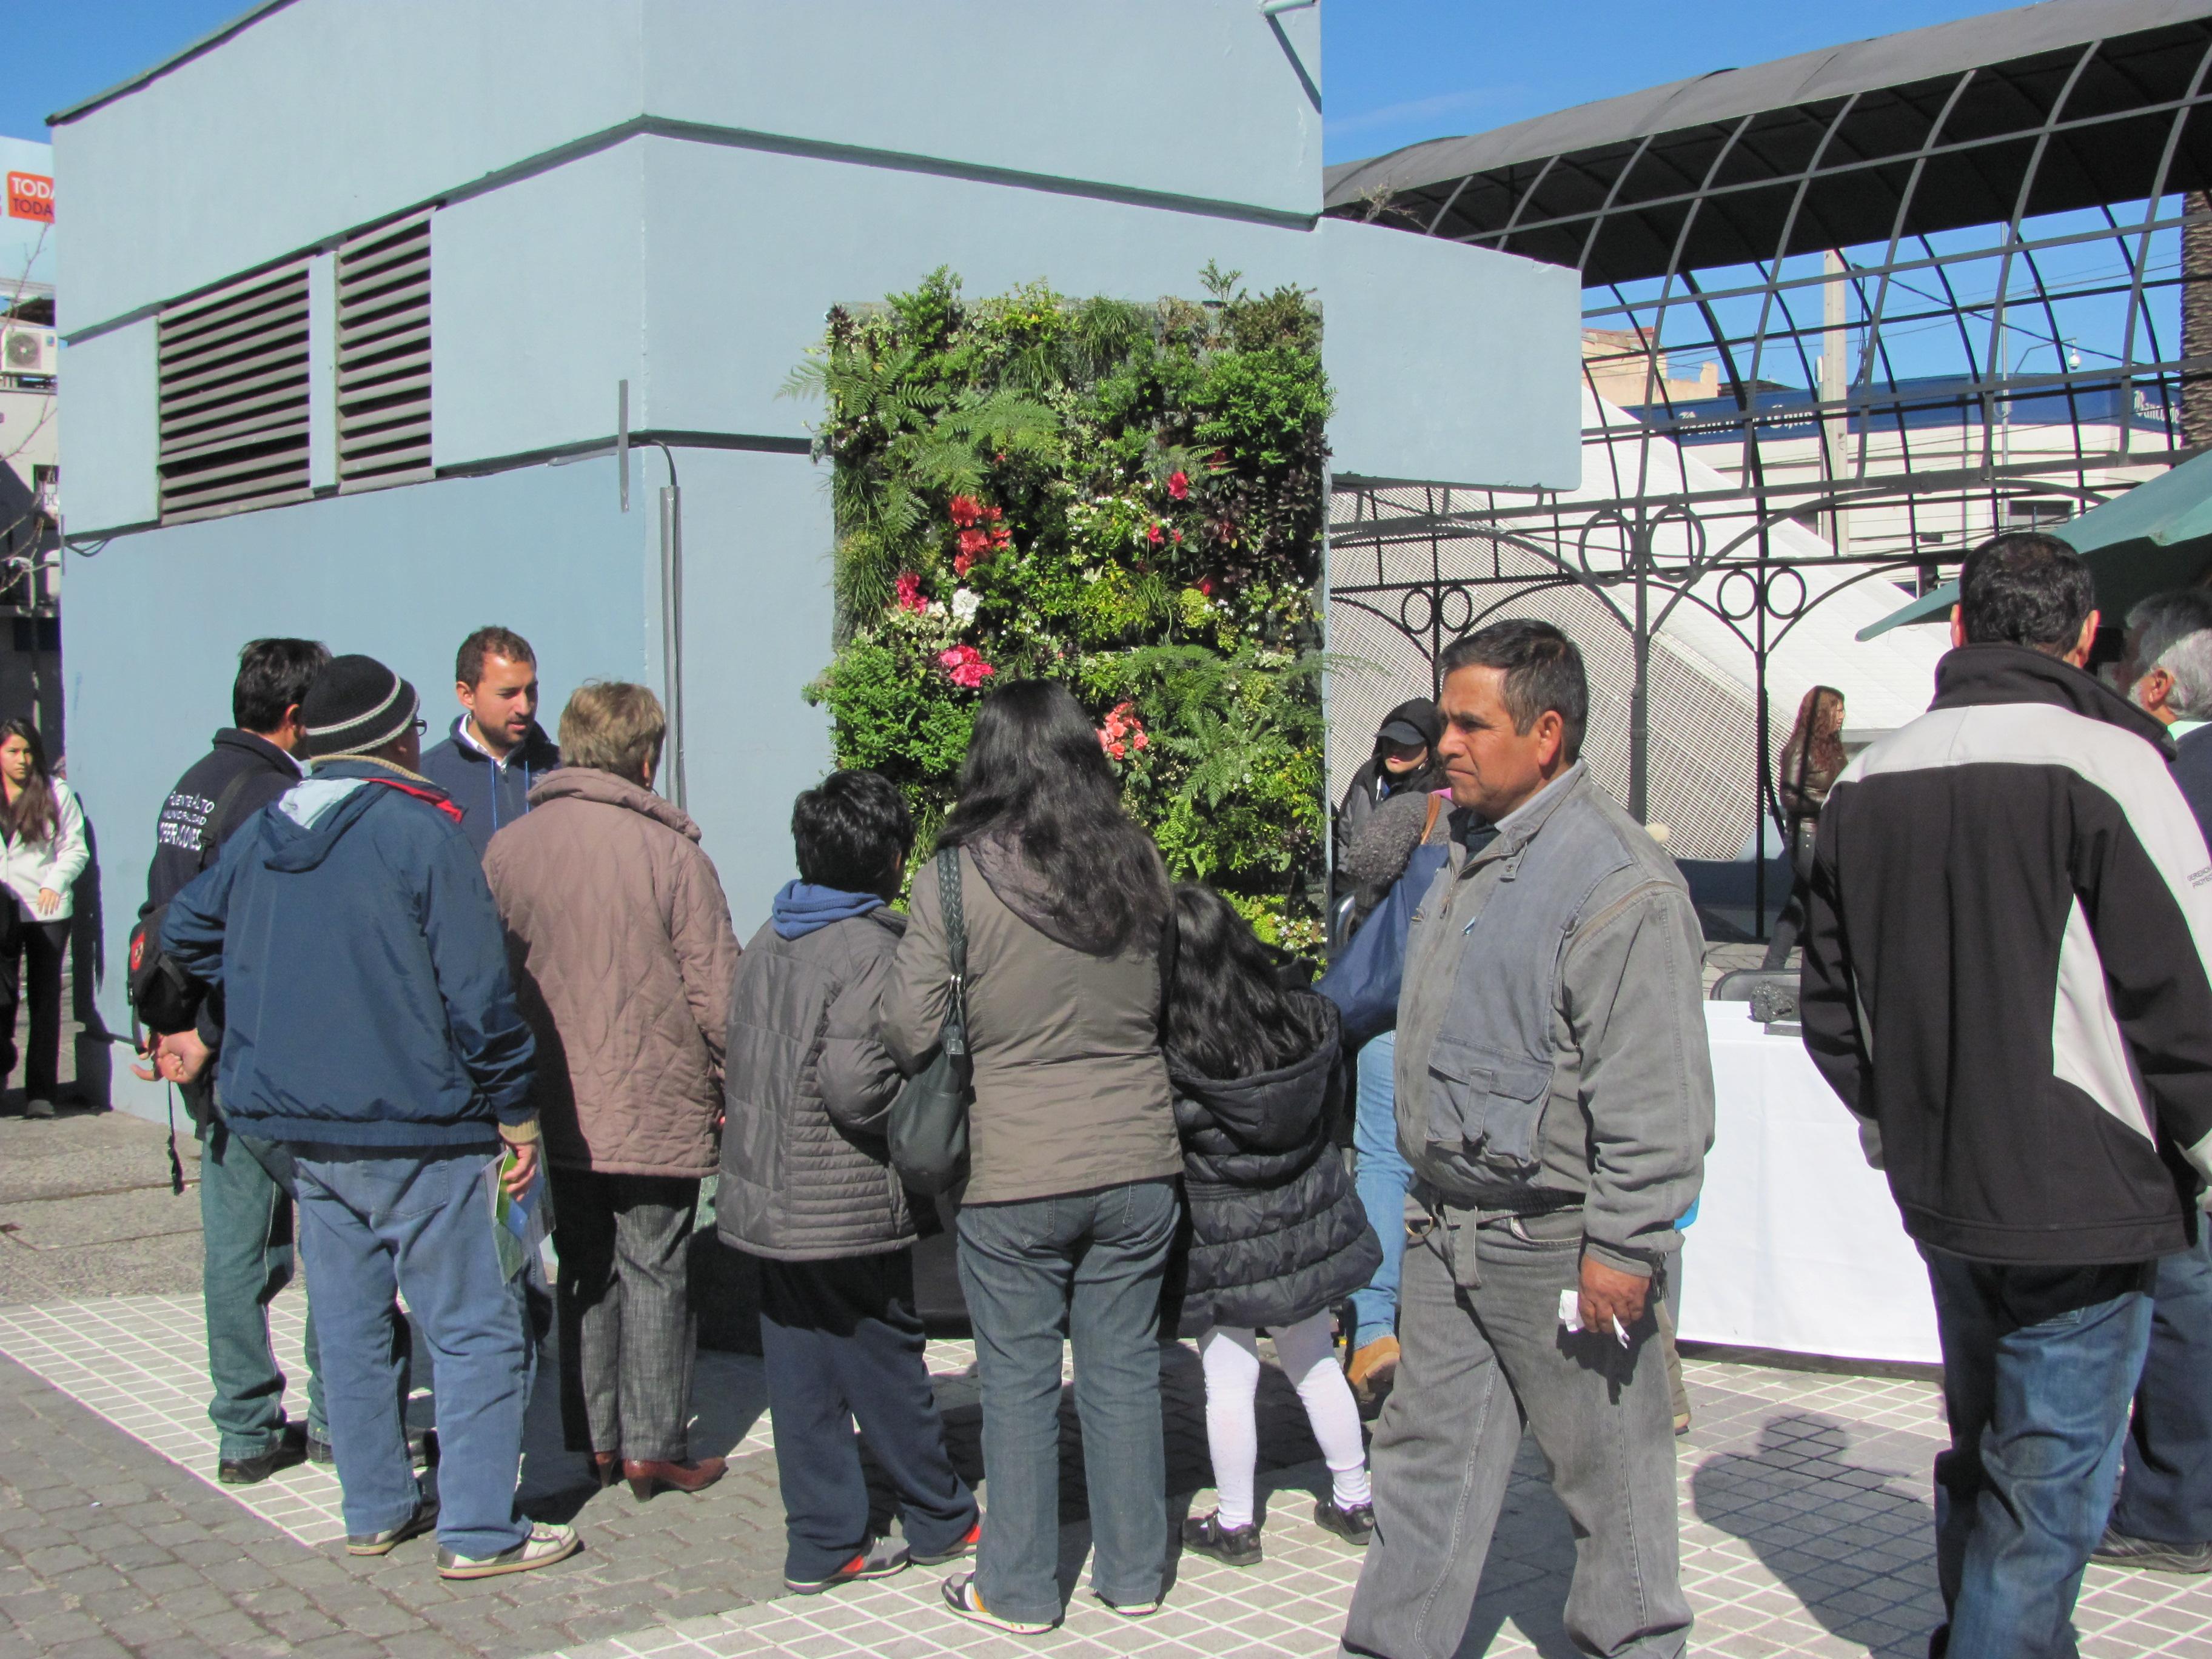 Ecoferia Puente Alto